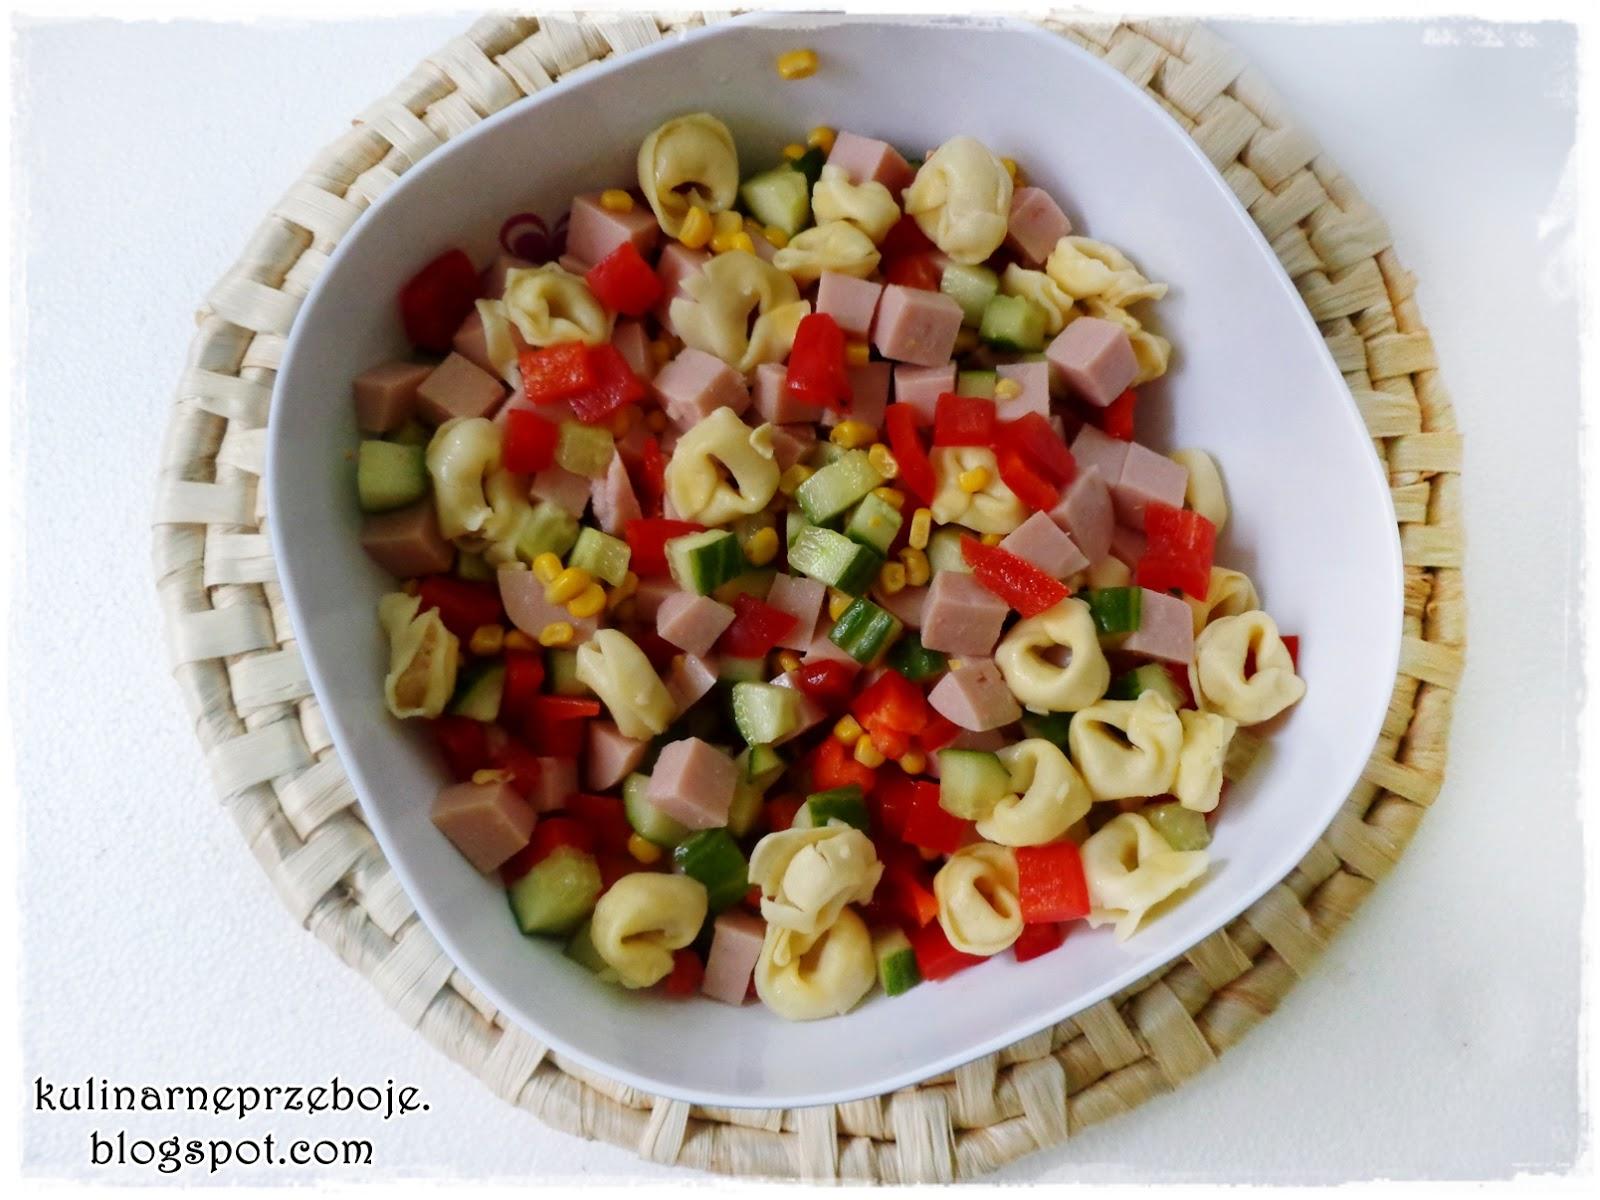 Sałatka z tortellini, szynką, papryką, ogórkiem i kukurydzą